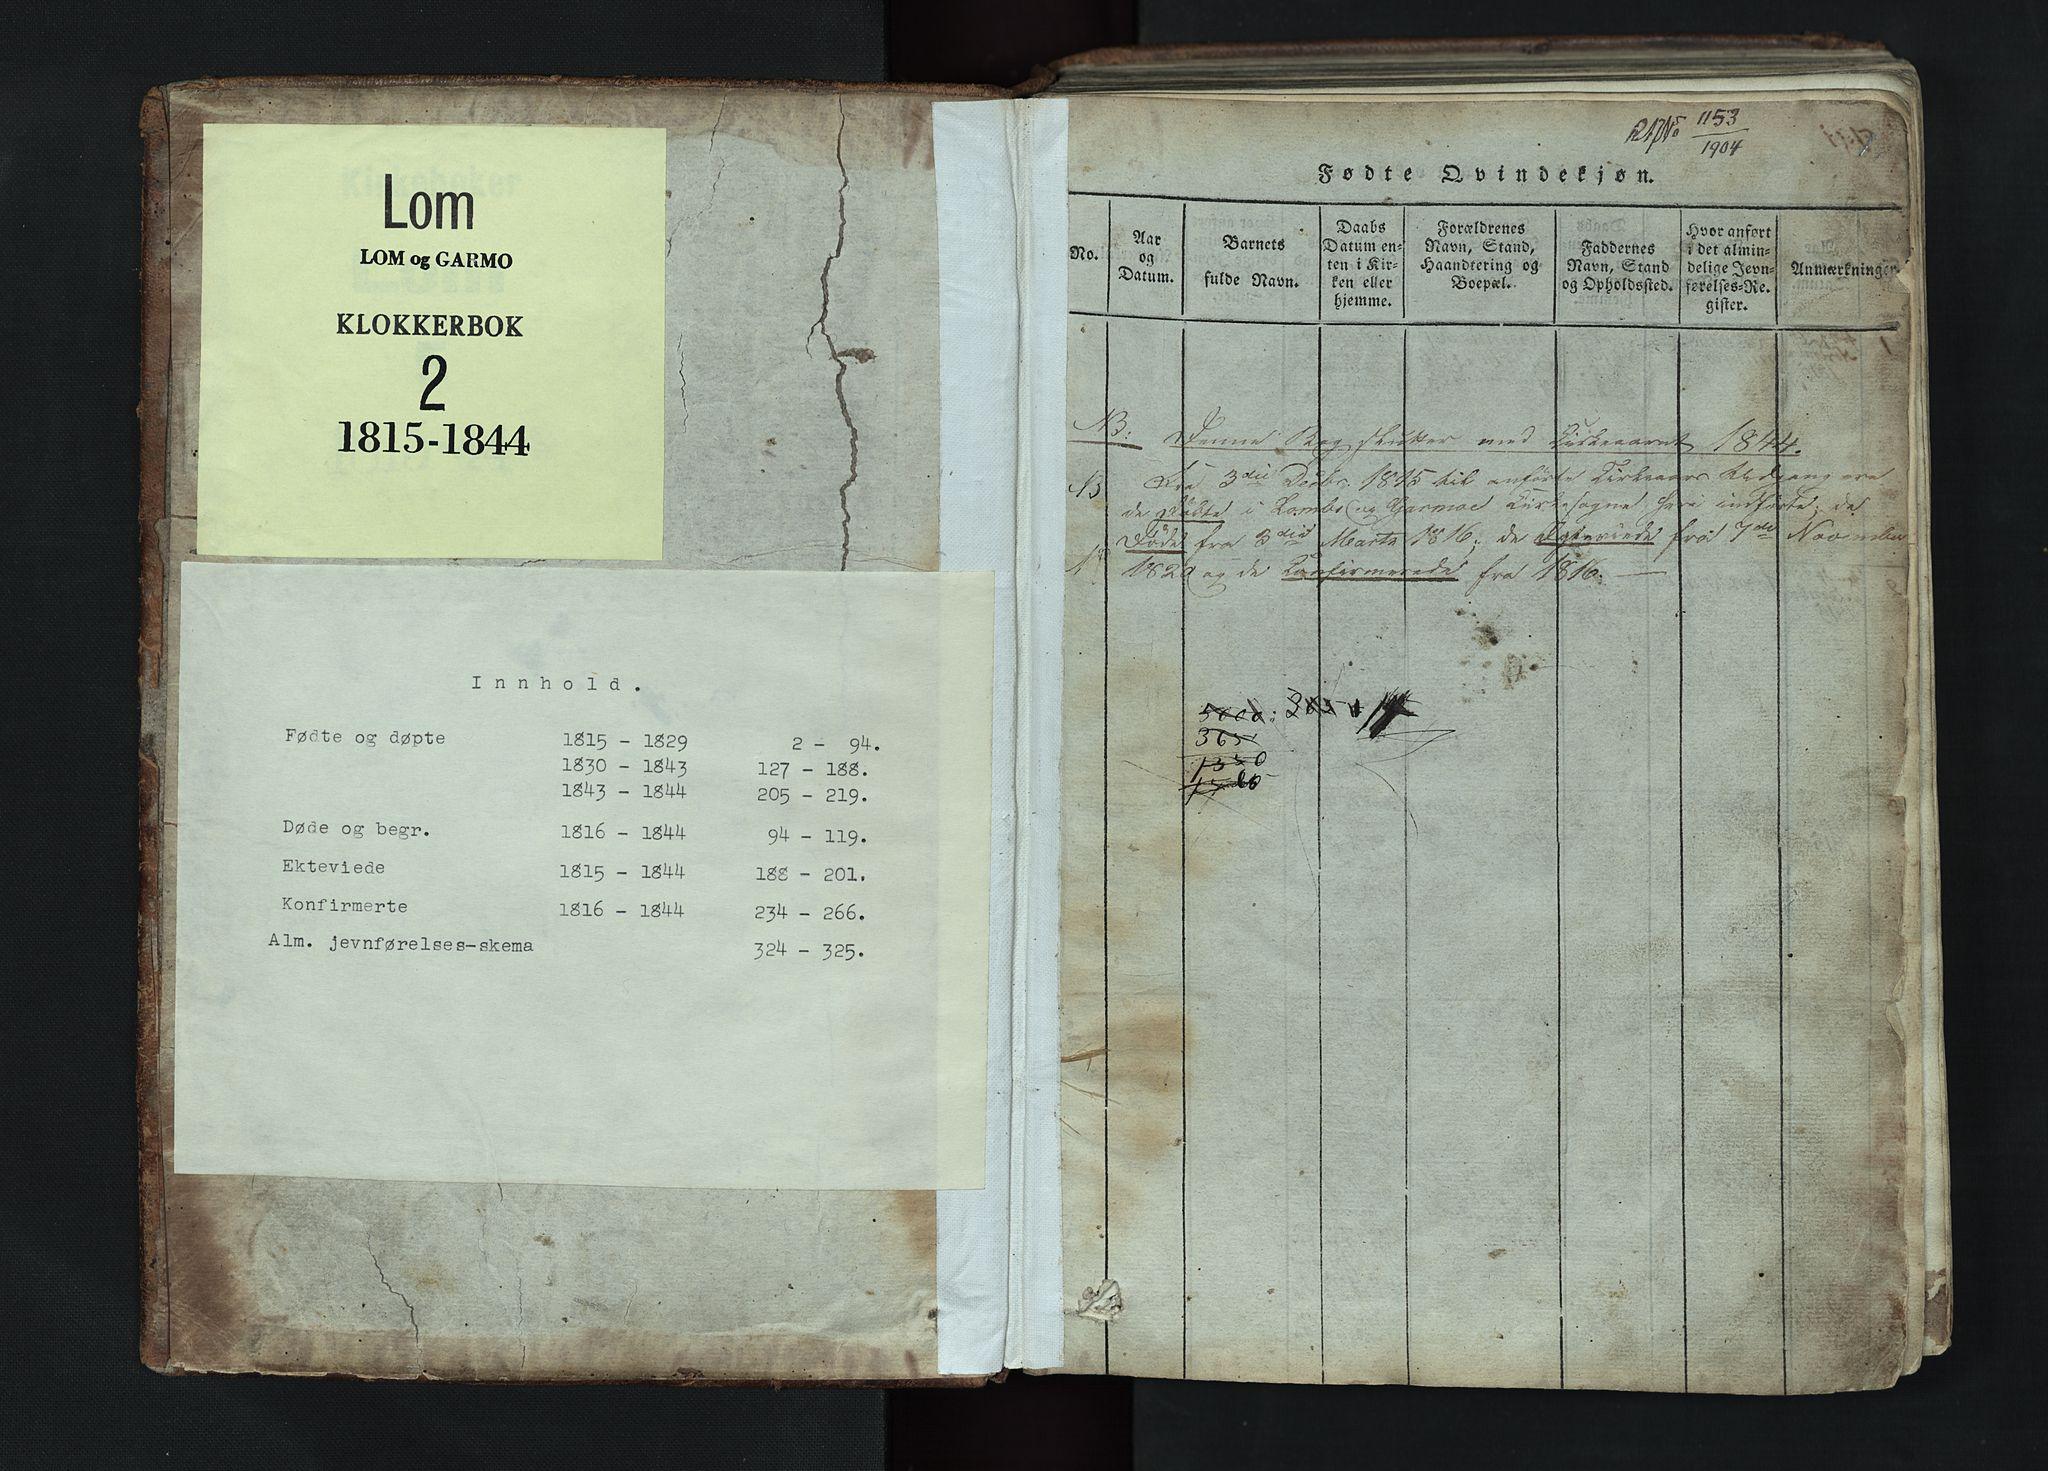 SAH, Lom prestekontor, L/L0002: Klokkerbok nr. 2, 1815-1844, s. 1